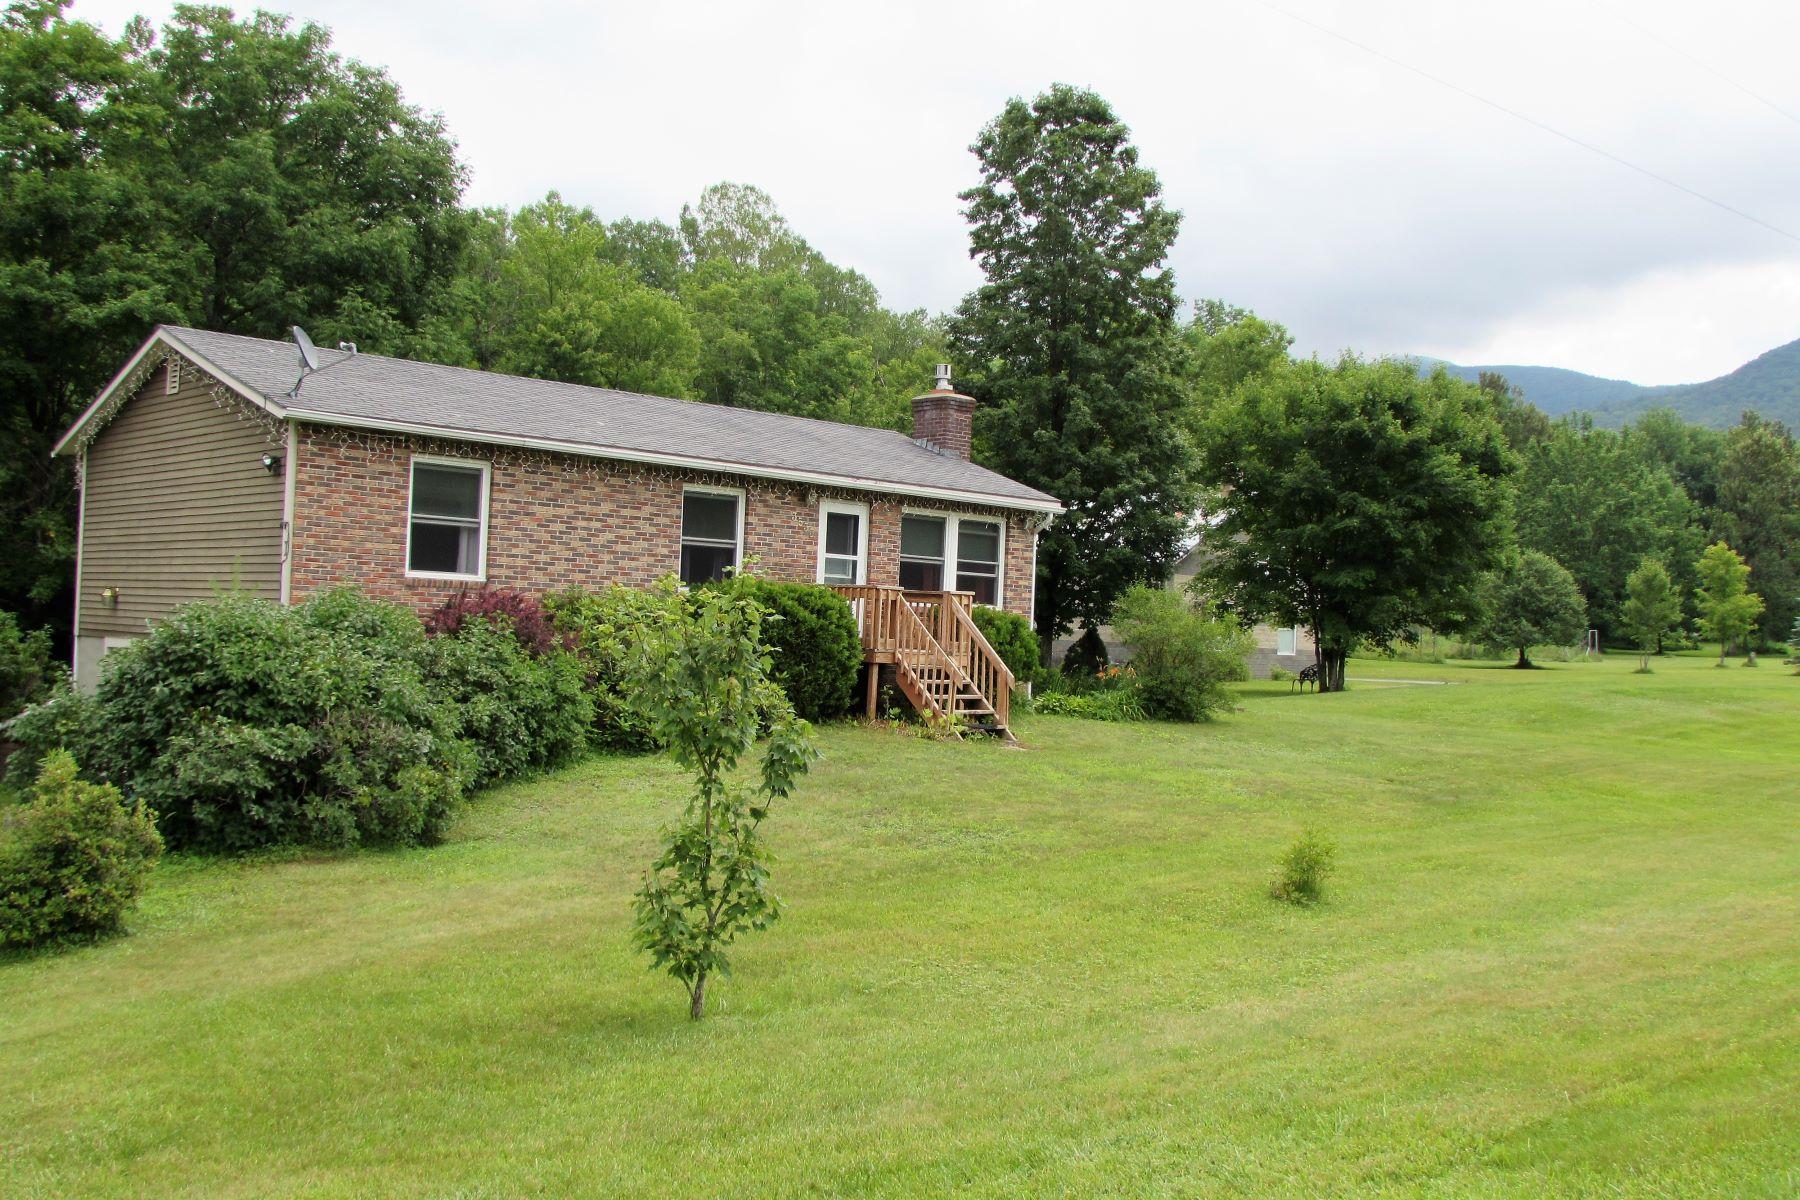 واحد منزل الأسرة للـ Sale في 3533 Nashville, Bolton Bolton, Vermont, 05465 United States